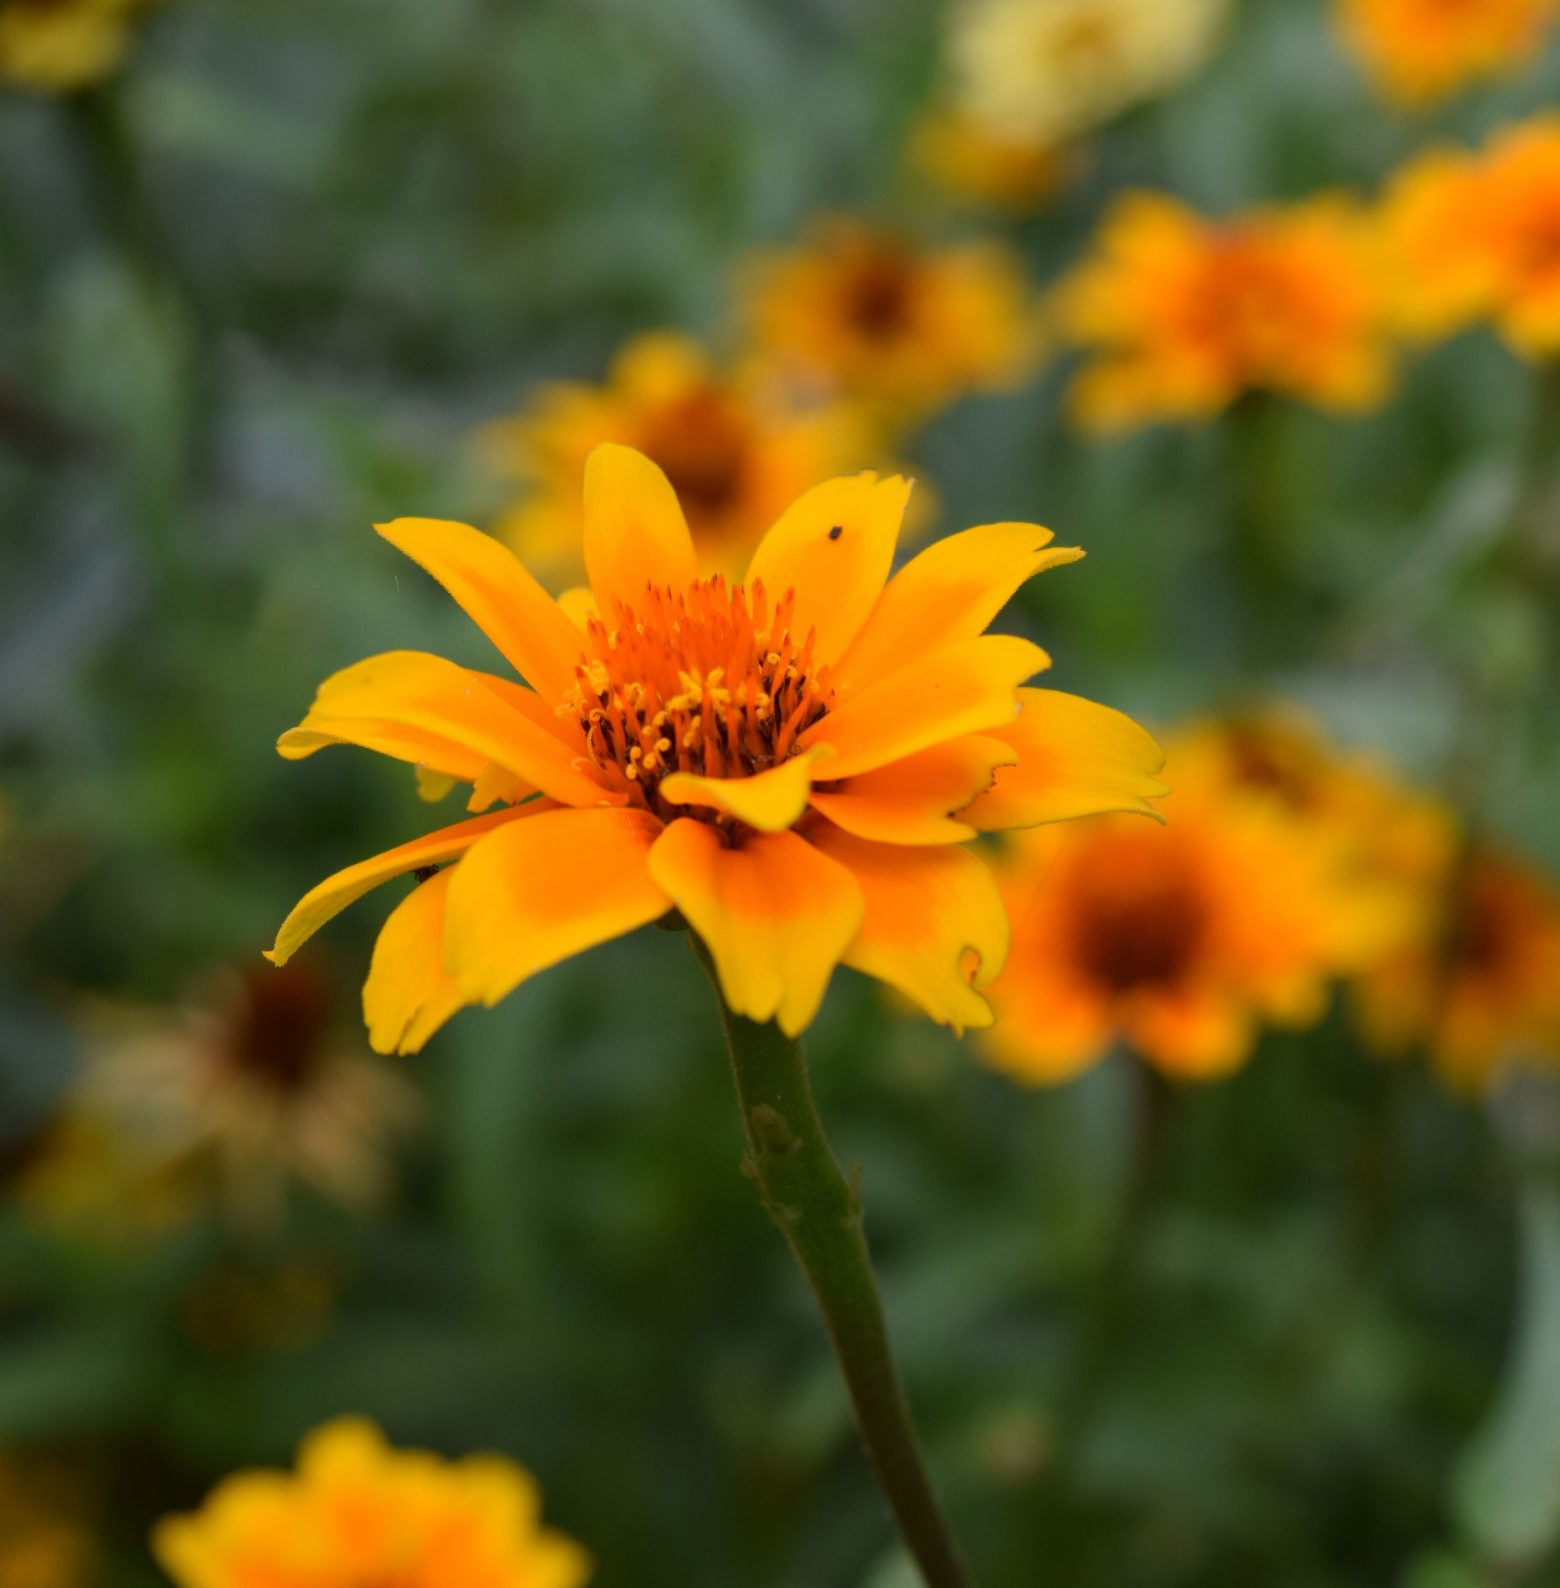 blossom-967422